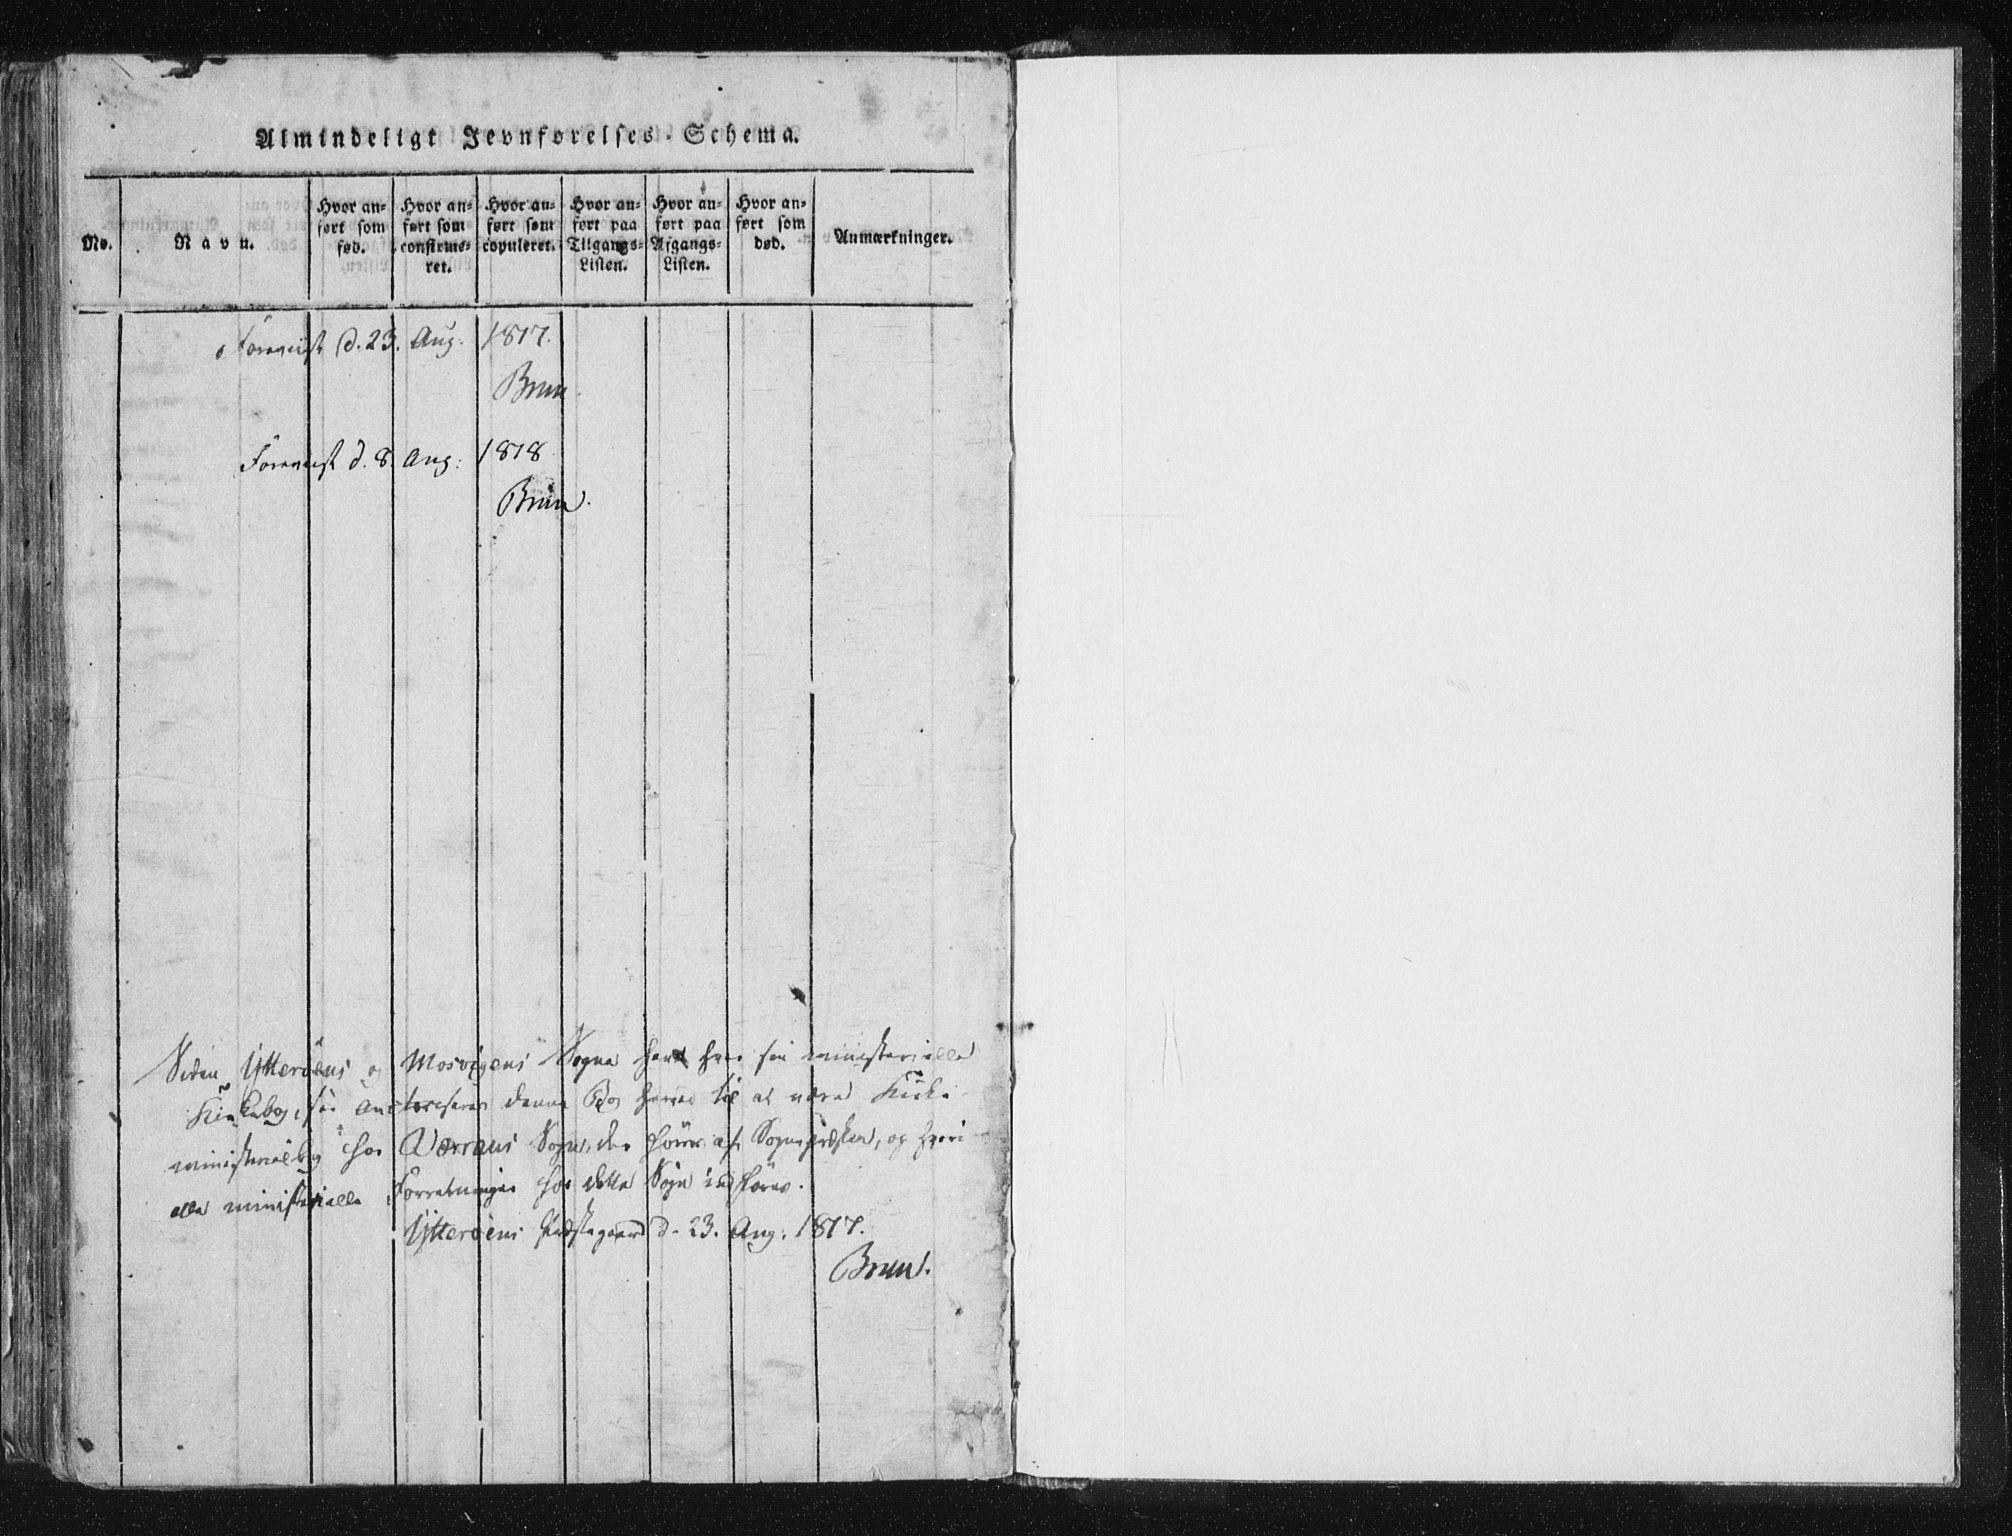 SAT, Ministerialprotokoller, klokkerbøker og fødselsregistre - Nord-Trøndelag, 744/L0417: Ministerialbok nr. 744A01, 1817-1842